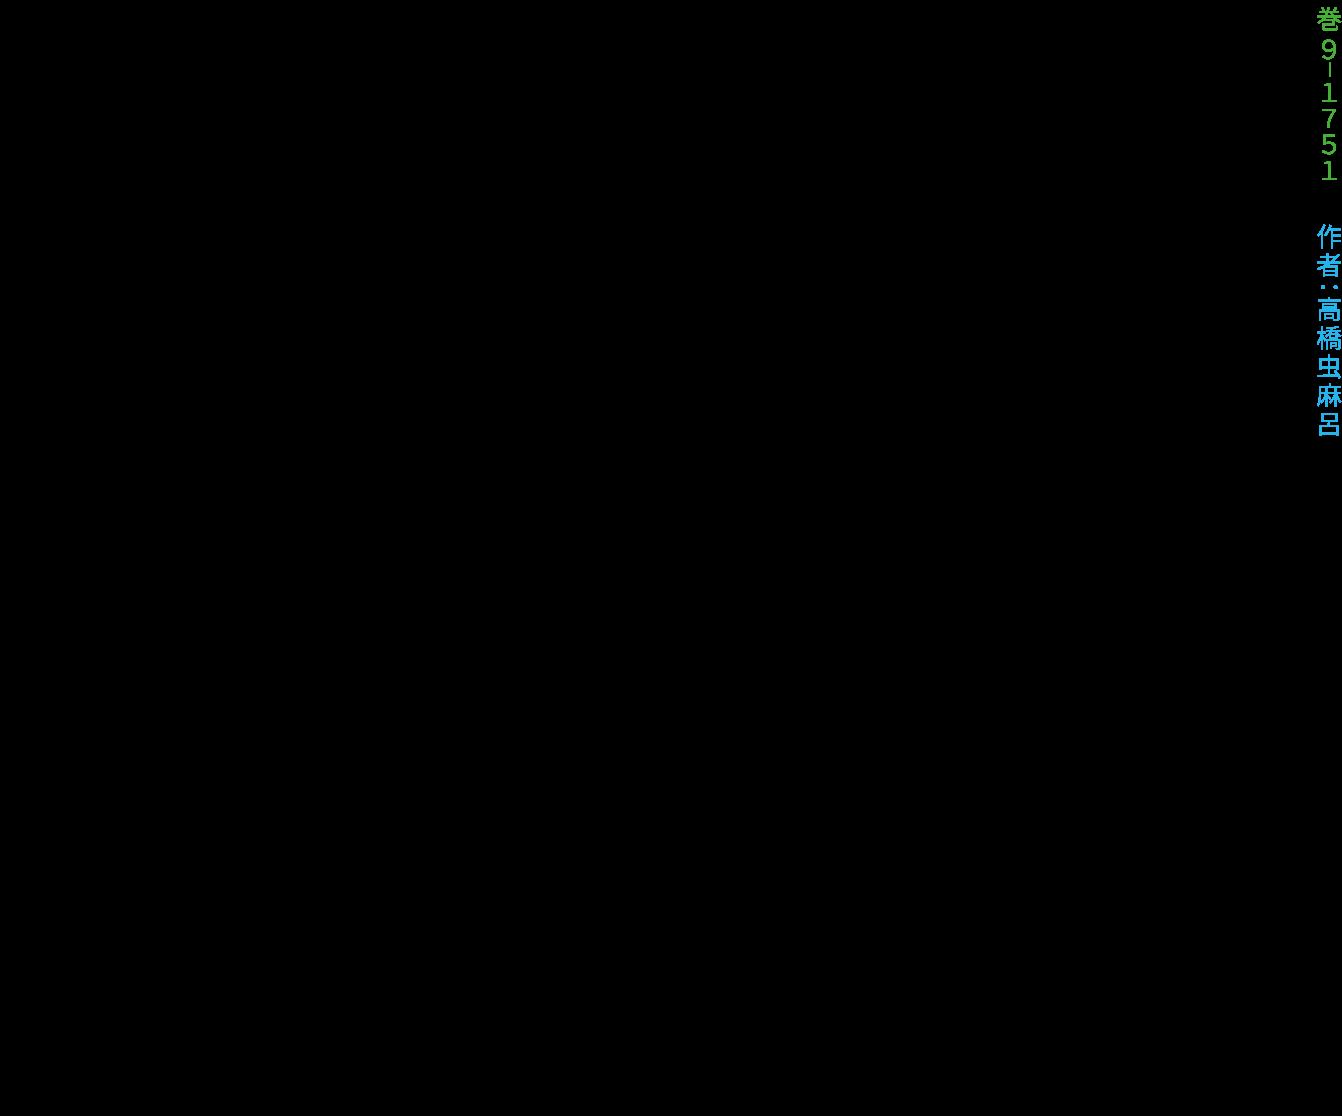 巻9-1751 作者:高橋虫麻呂 島山をい行き廻れる川副ひの丘辺の道ゆ昨日こそわが越え来しか一夜のみ寝たりしからに峯の上の桜の花は滝の瀬ゆ激ちて流る君が見むその日までには山下の風な吹きそとうち越えて名に負へる社に風祭せな